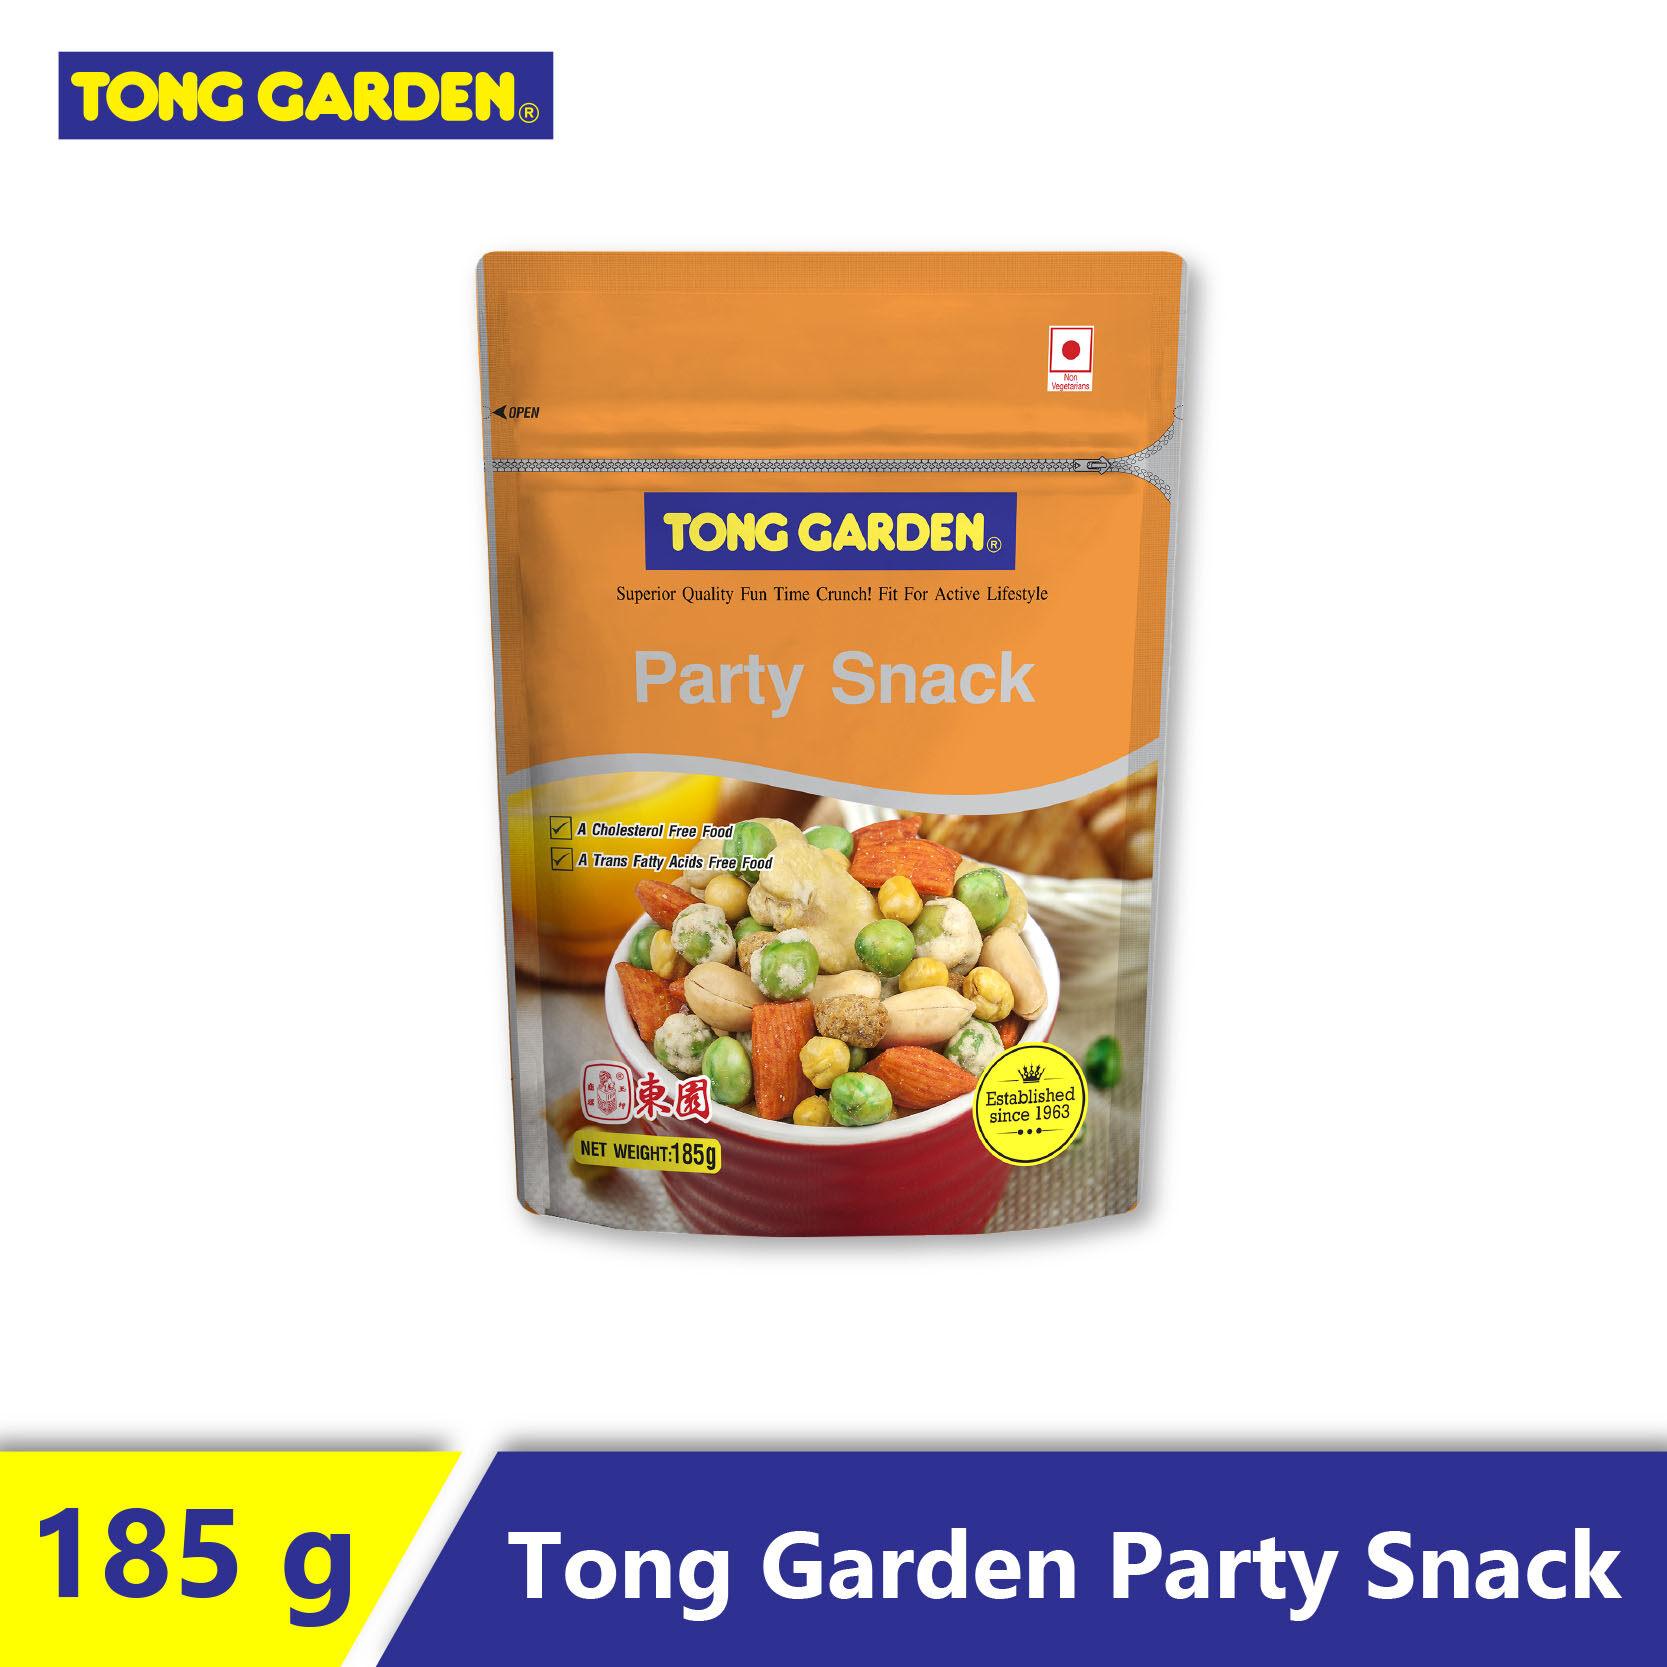 Tong Garden Party Snack 185g